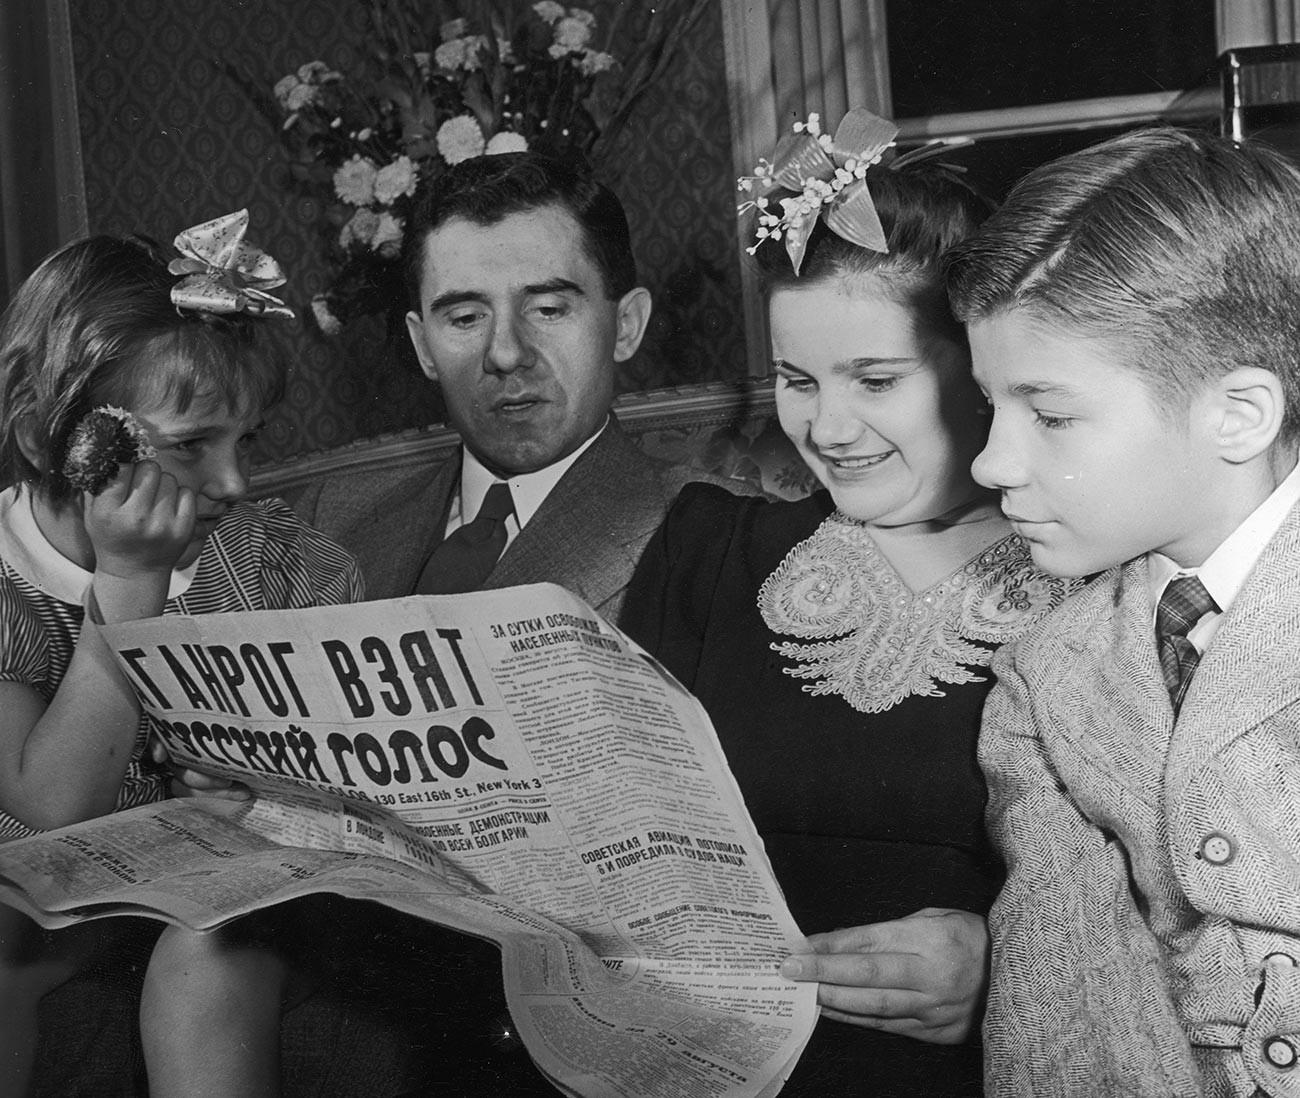 AndreïGromyko, l'ambassadeur soviétique aux États-Unis, avec sa femme et ses enfants